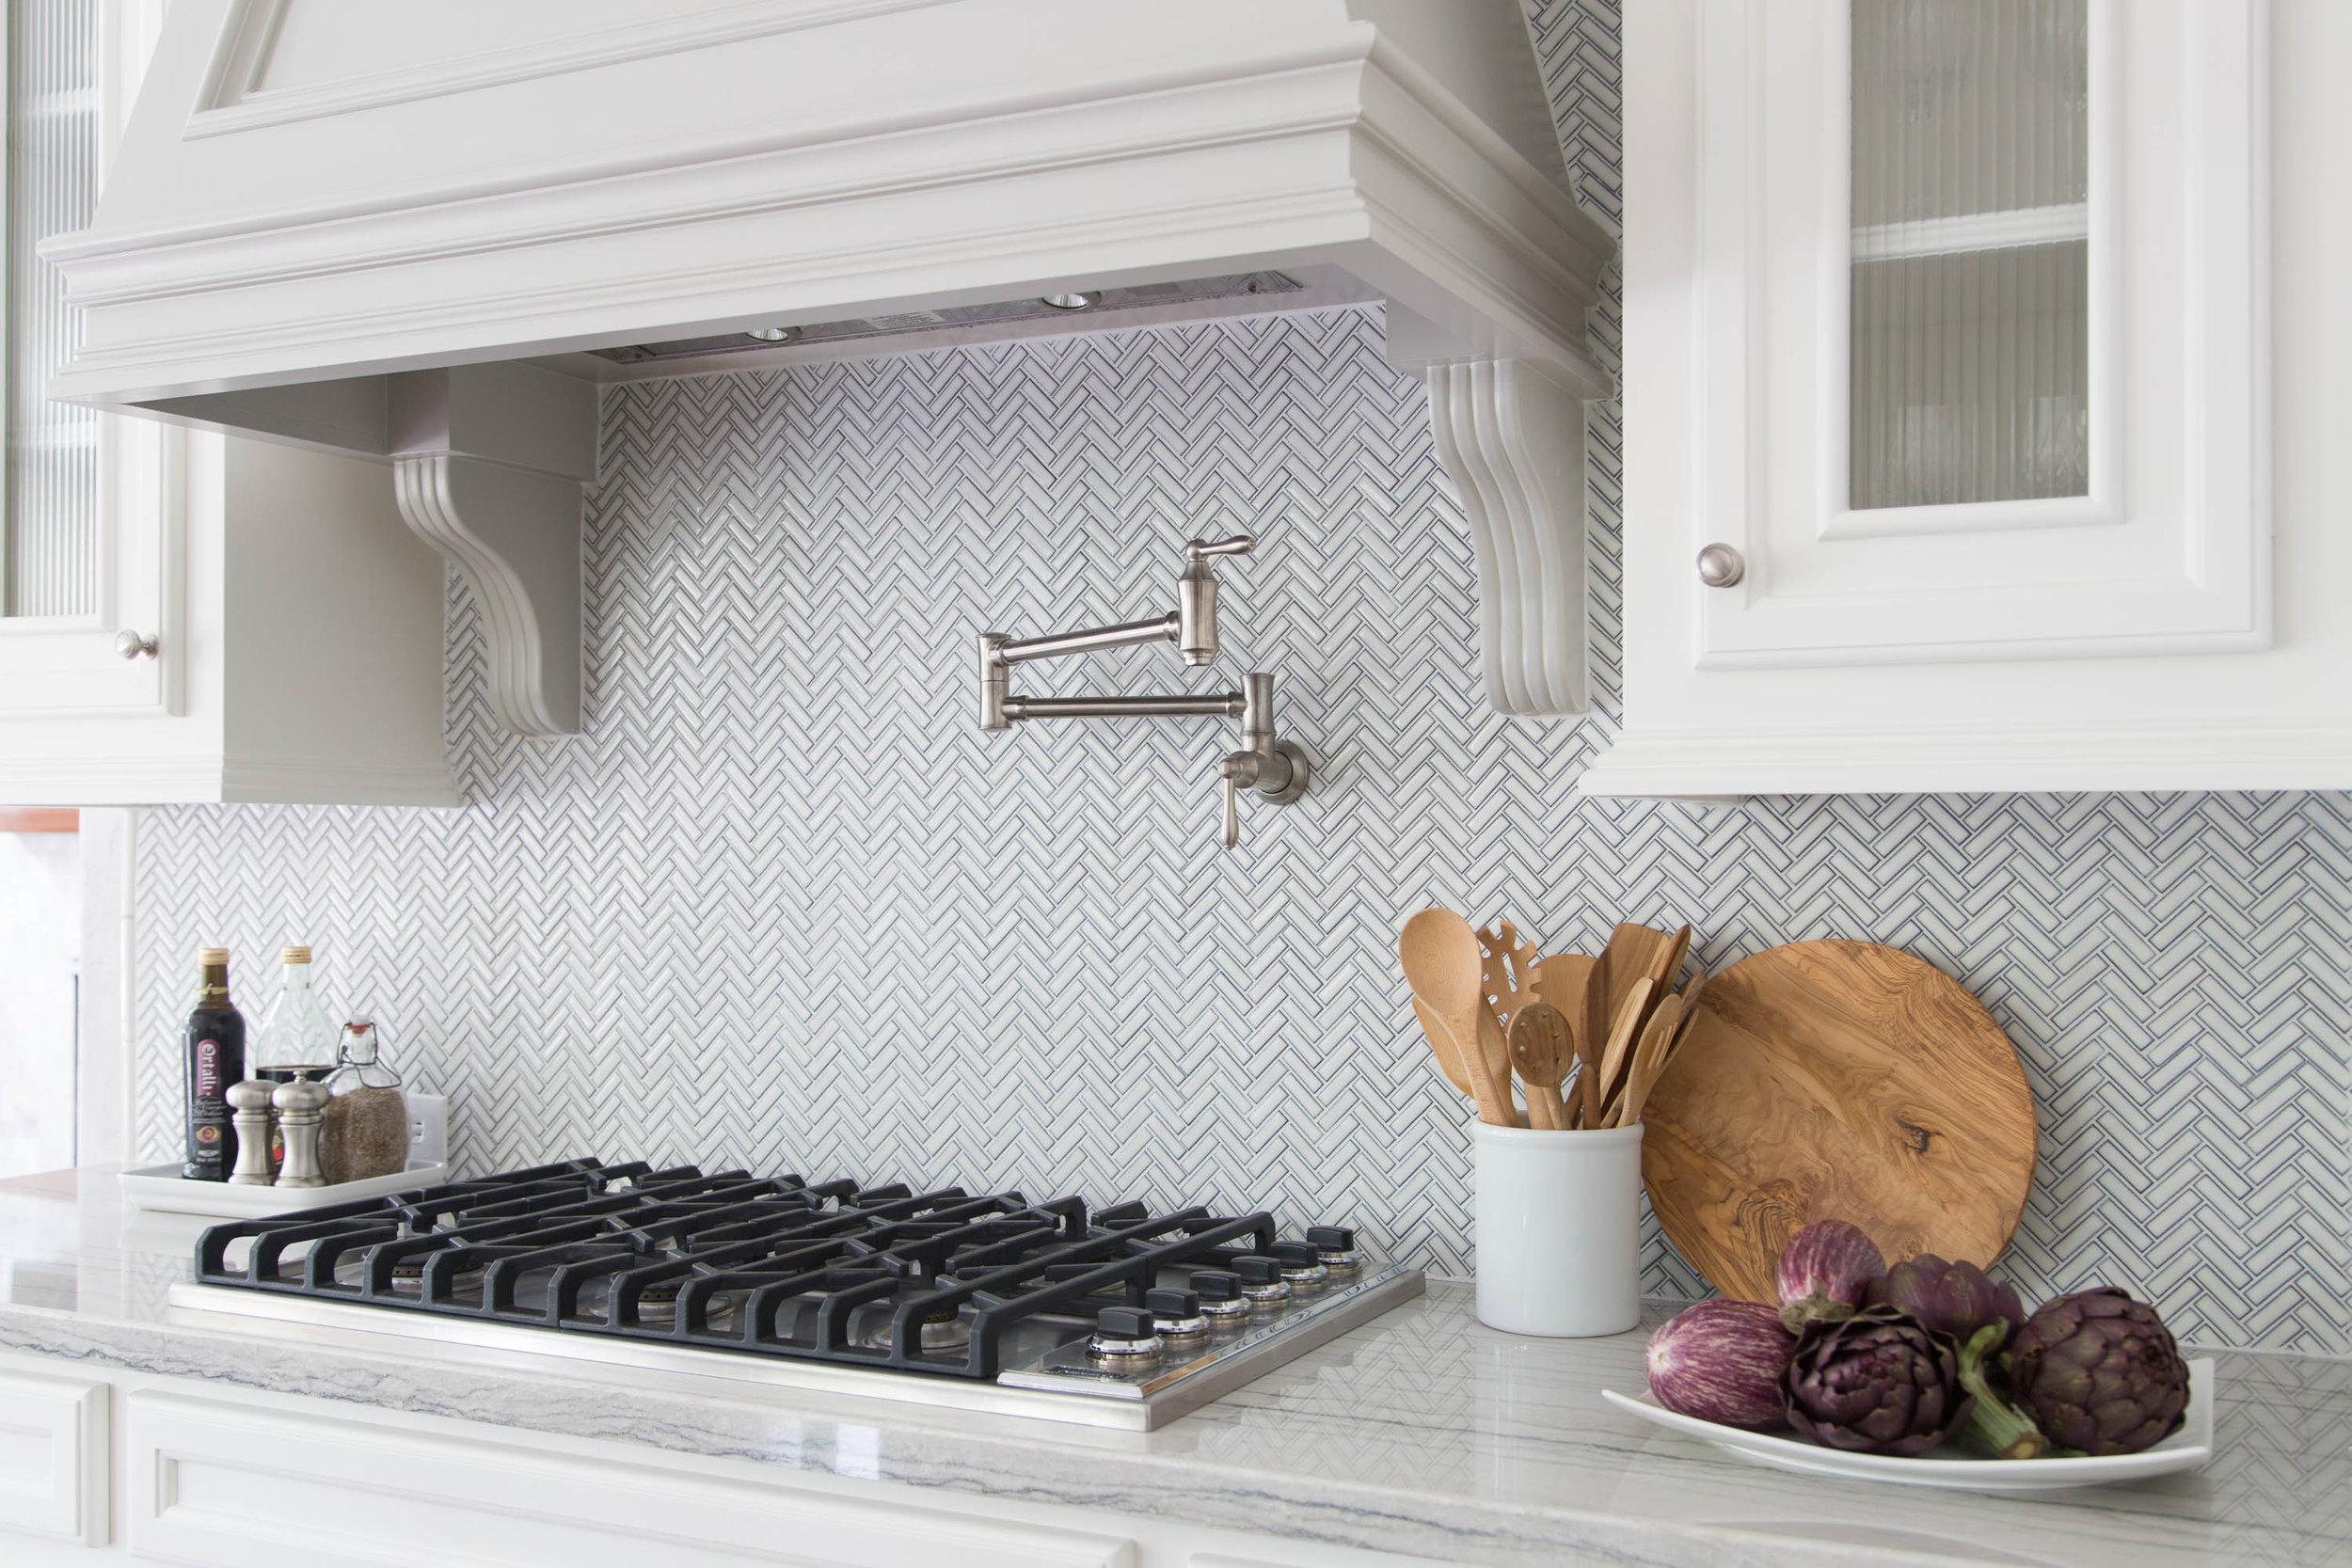 kitchen backsplash details that define